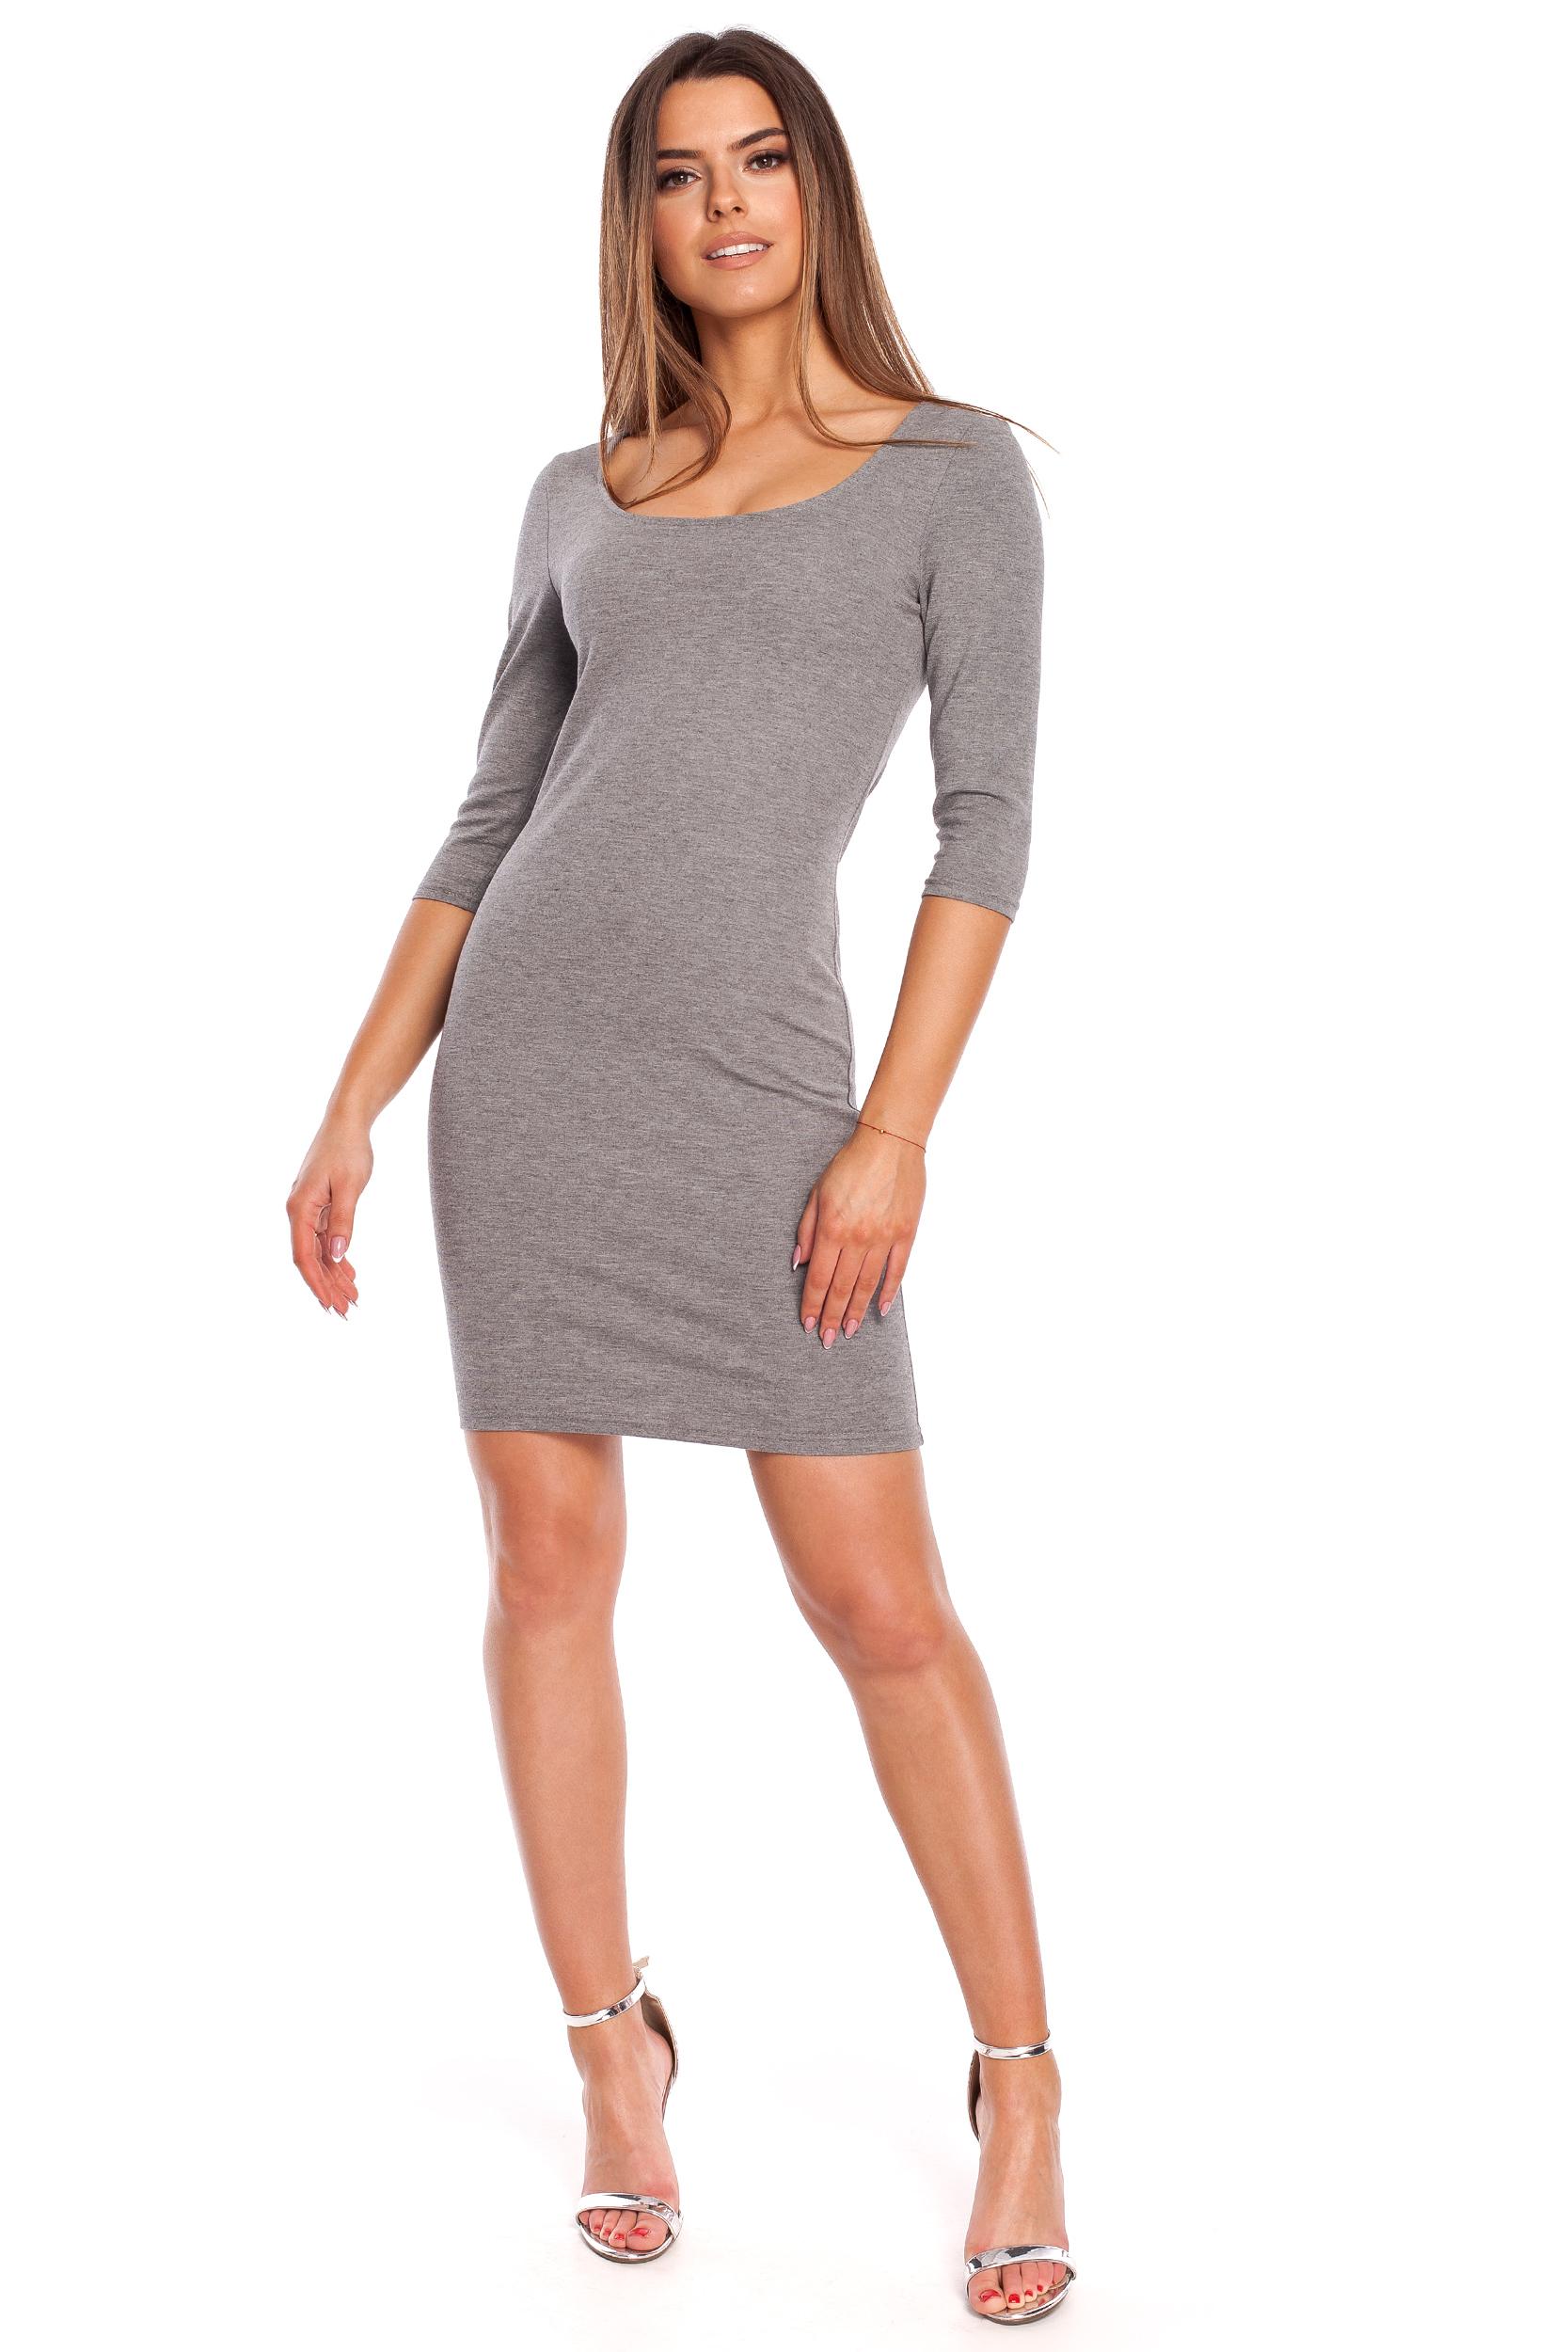 CM4321 Kobieca sukienka z krótkim rękawkiem - szara